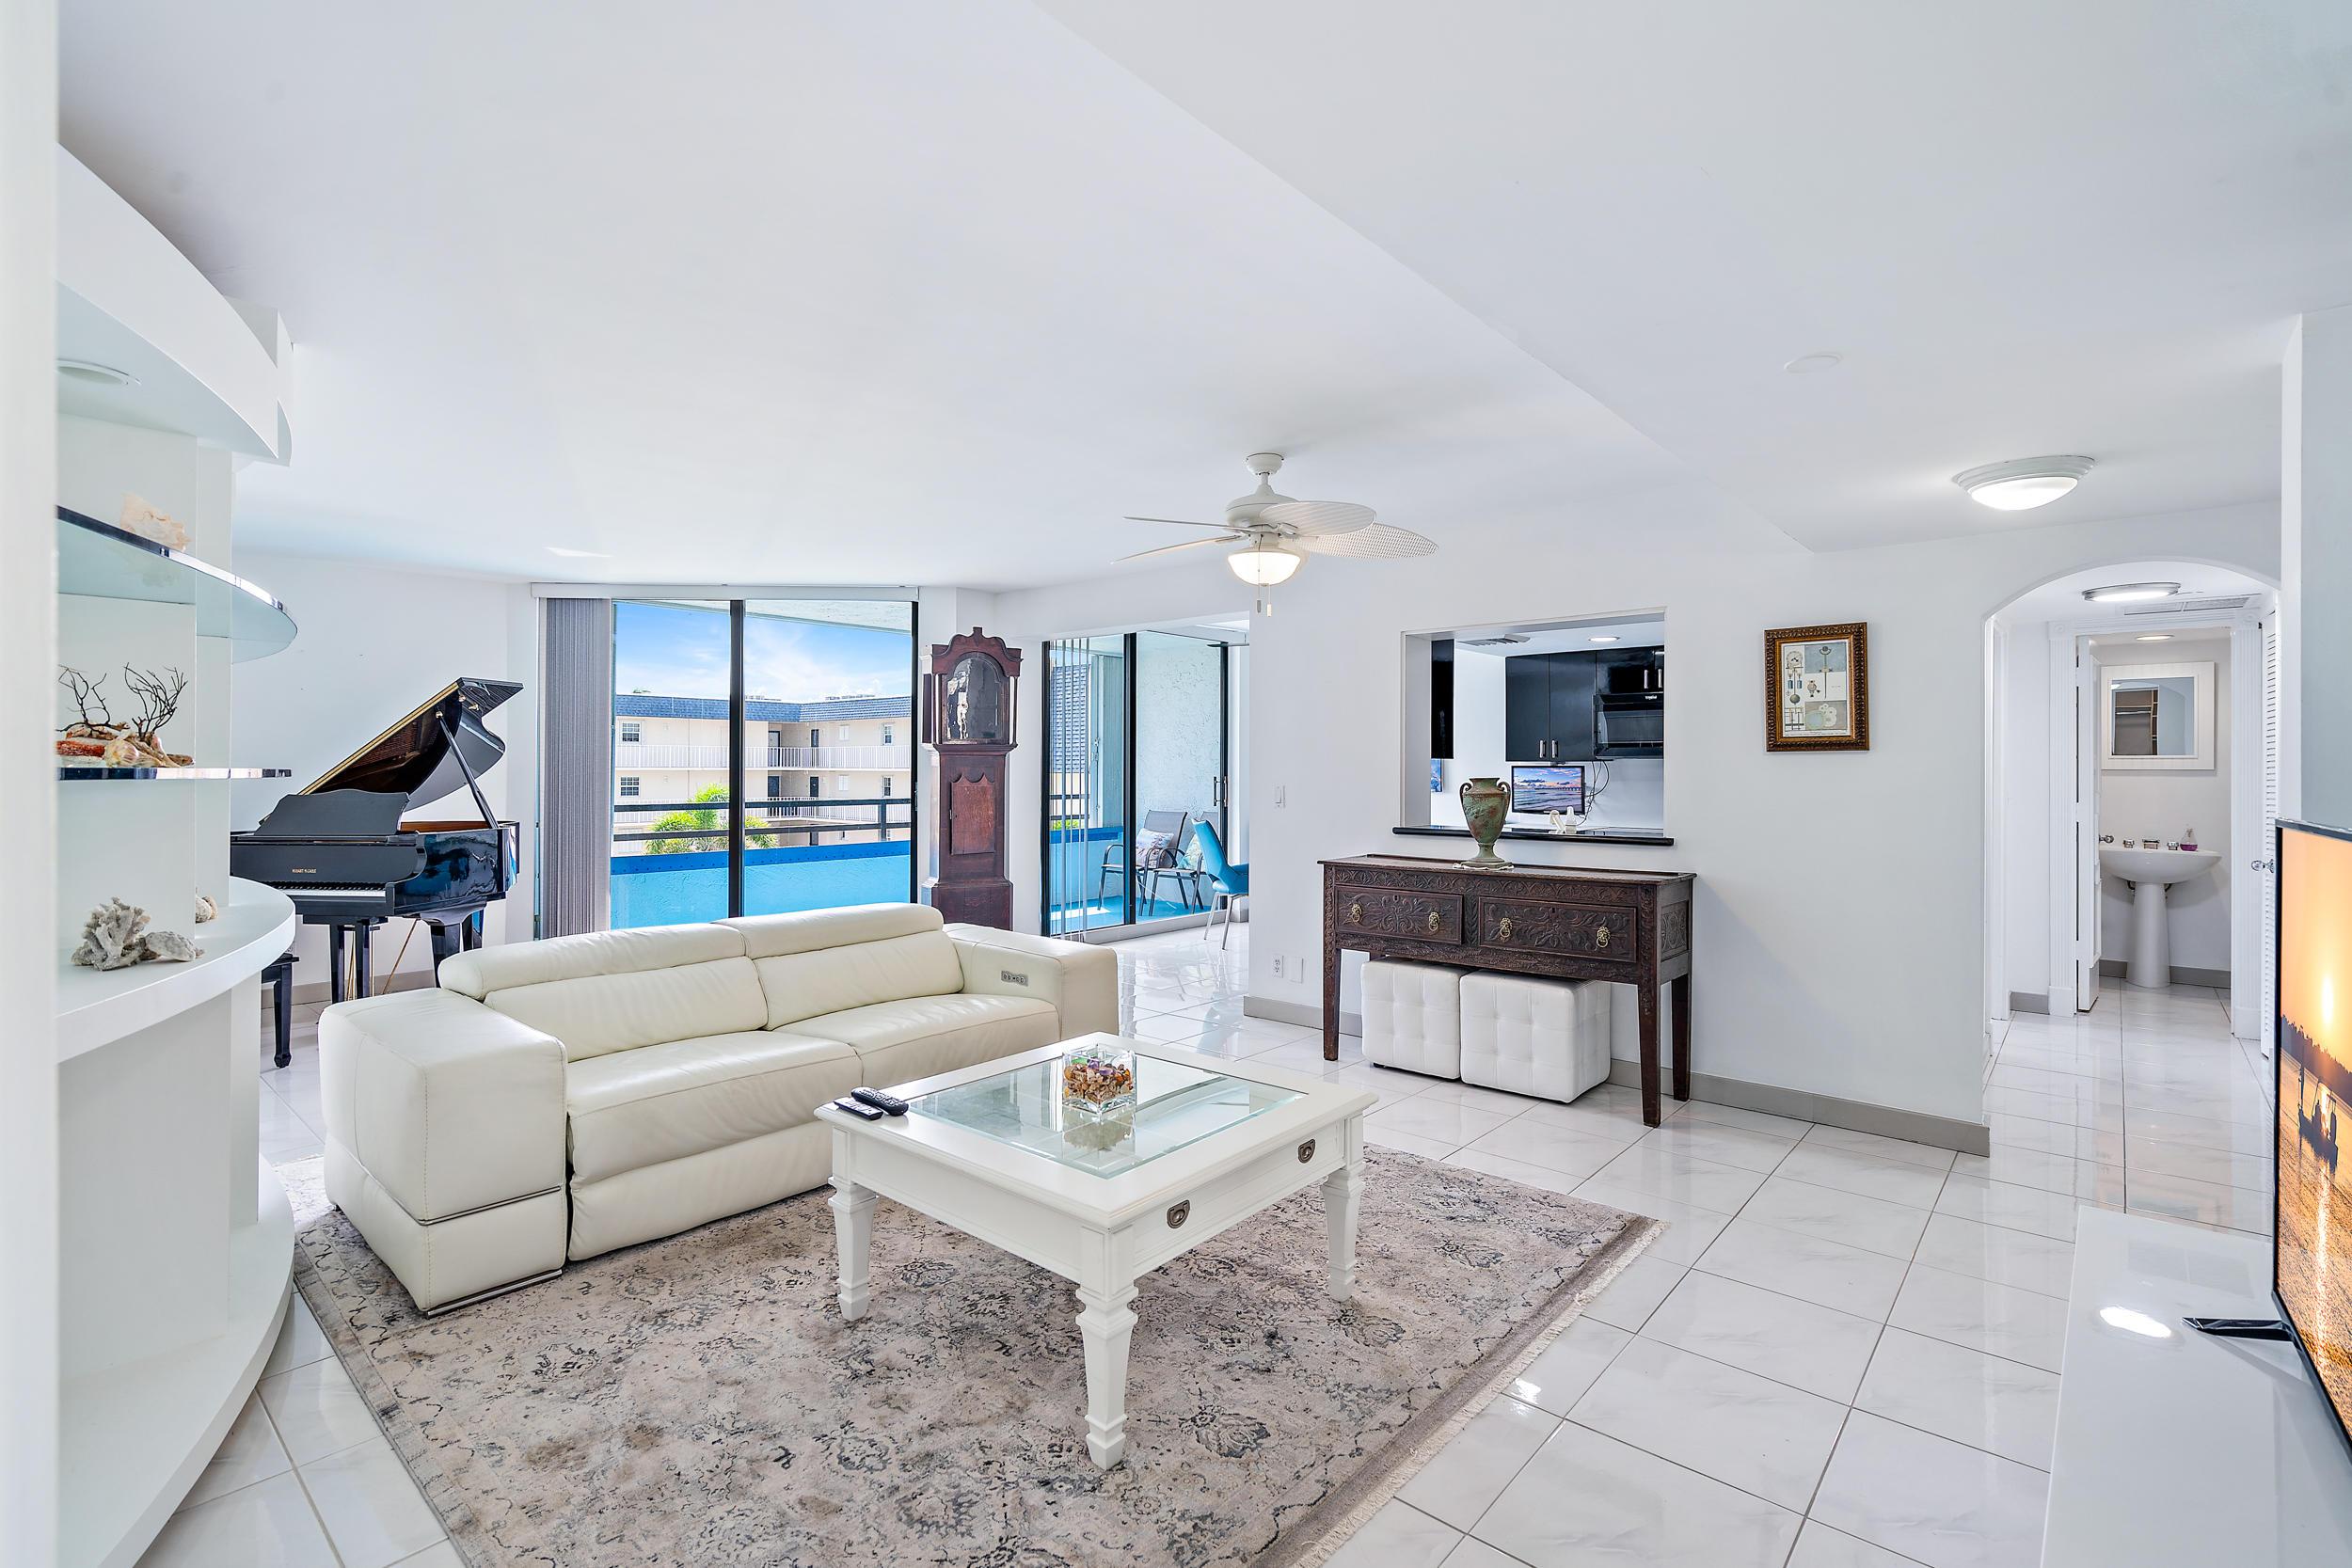 3555 S Ocean Boulevard #311 - 33480 - FL - South Palm Beach